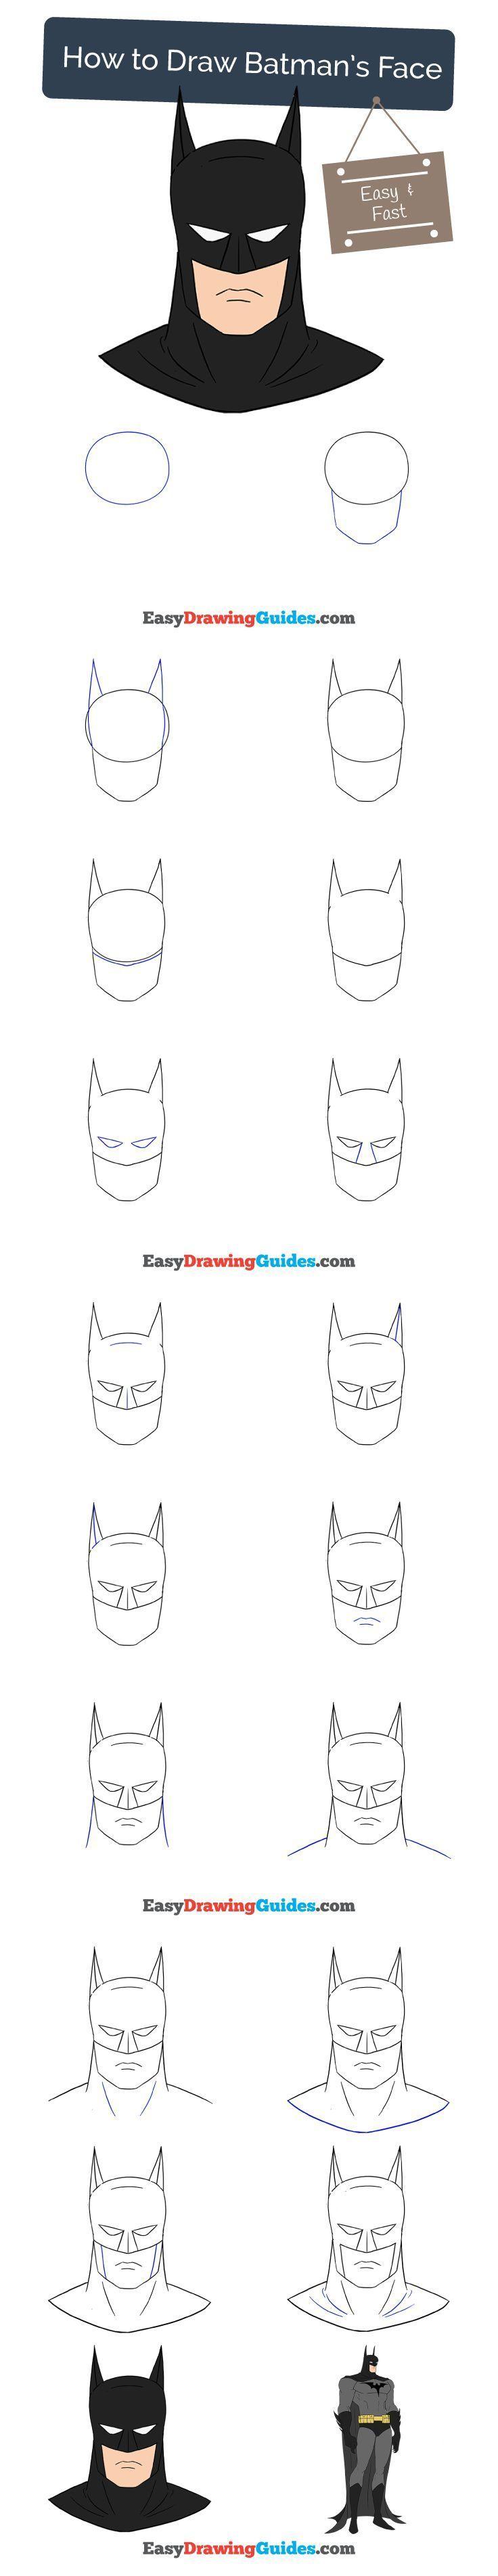 Élégant Dessins à Imprimer De Batman